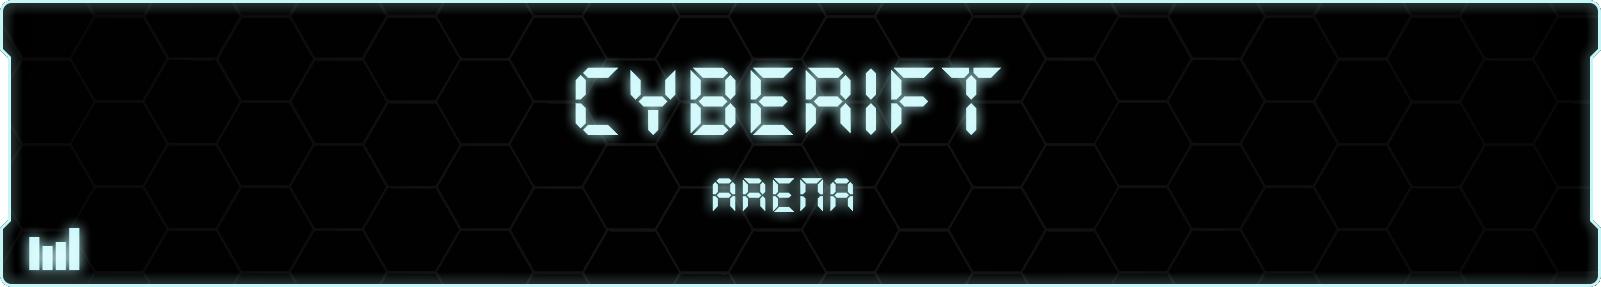 Cyberift Arena